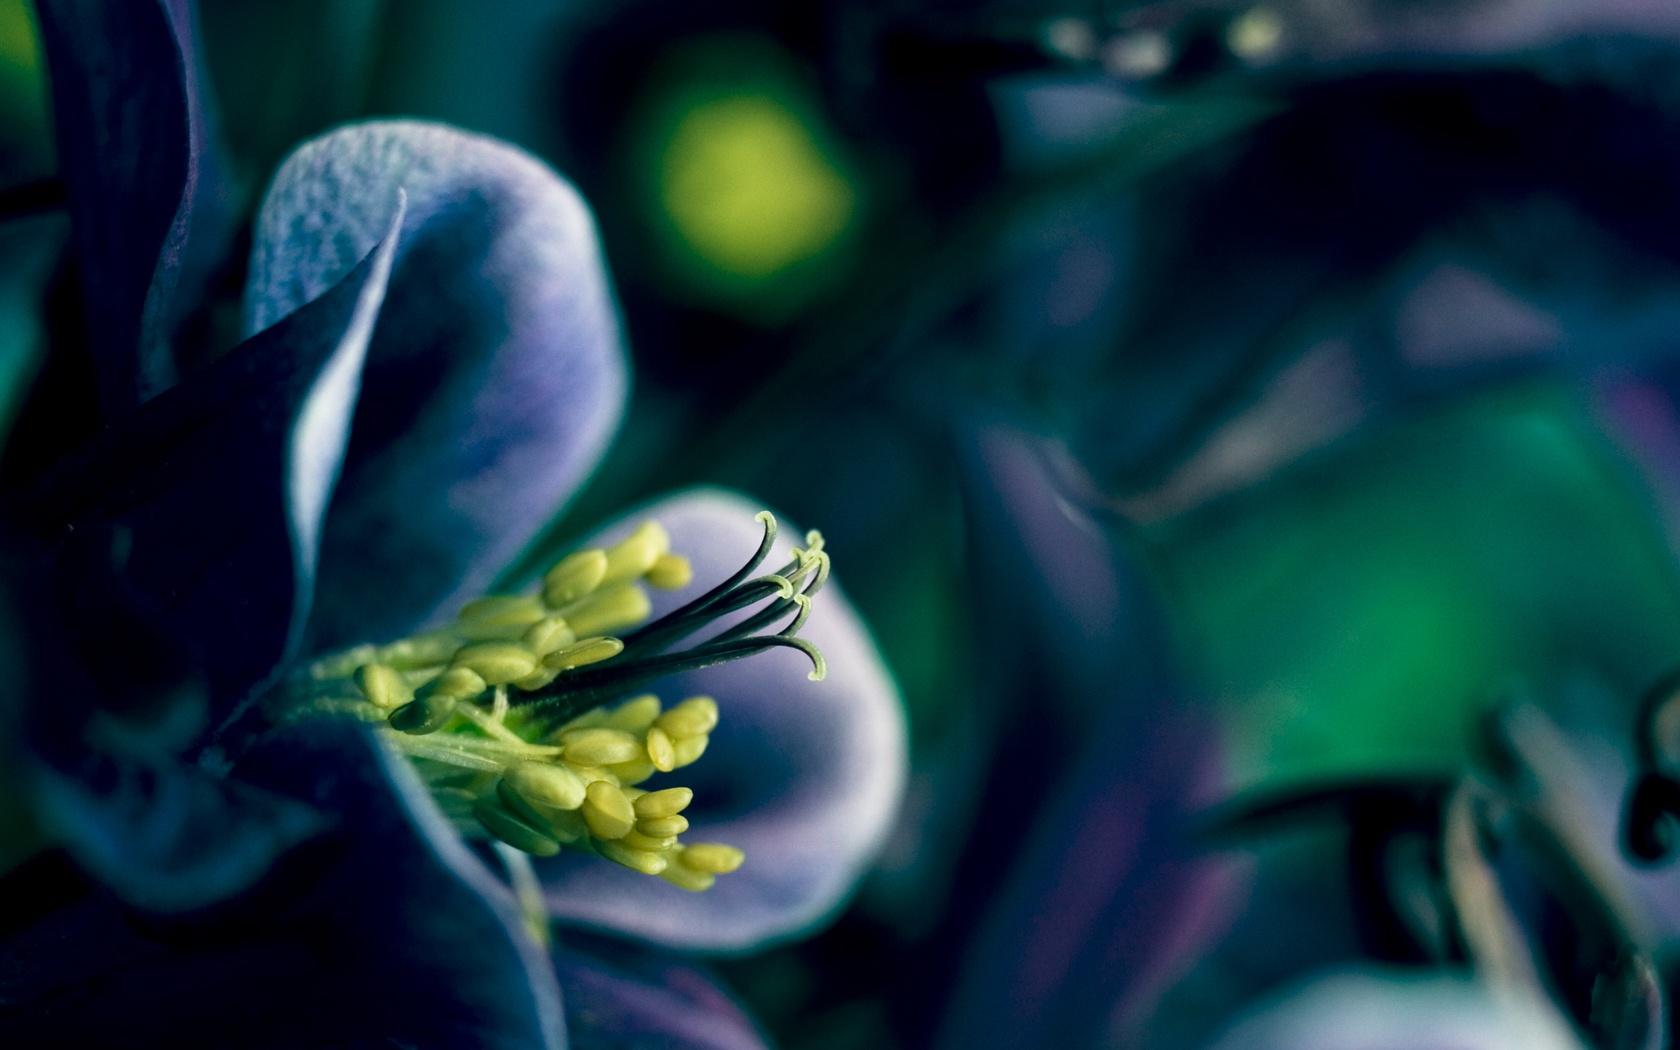 Purple Flowers That Bloom At Night 33 Desktop Background HdFlowerWallpaper